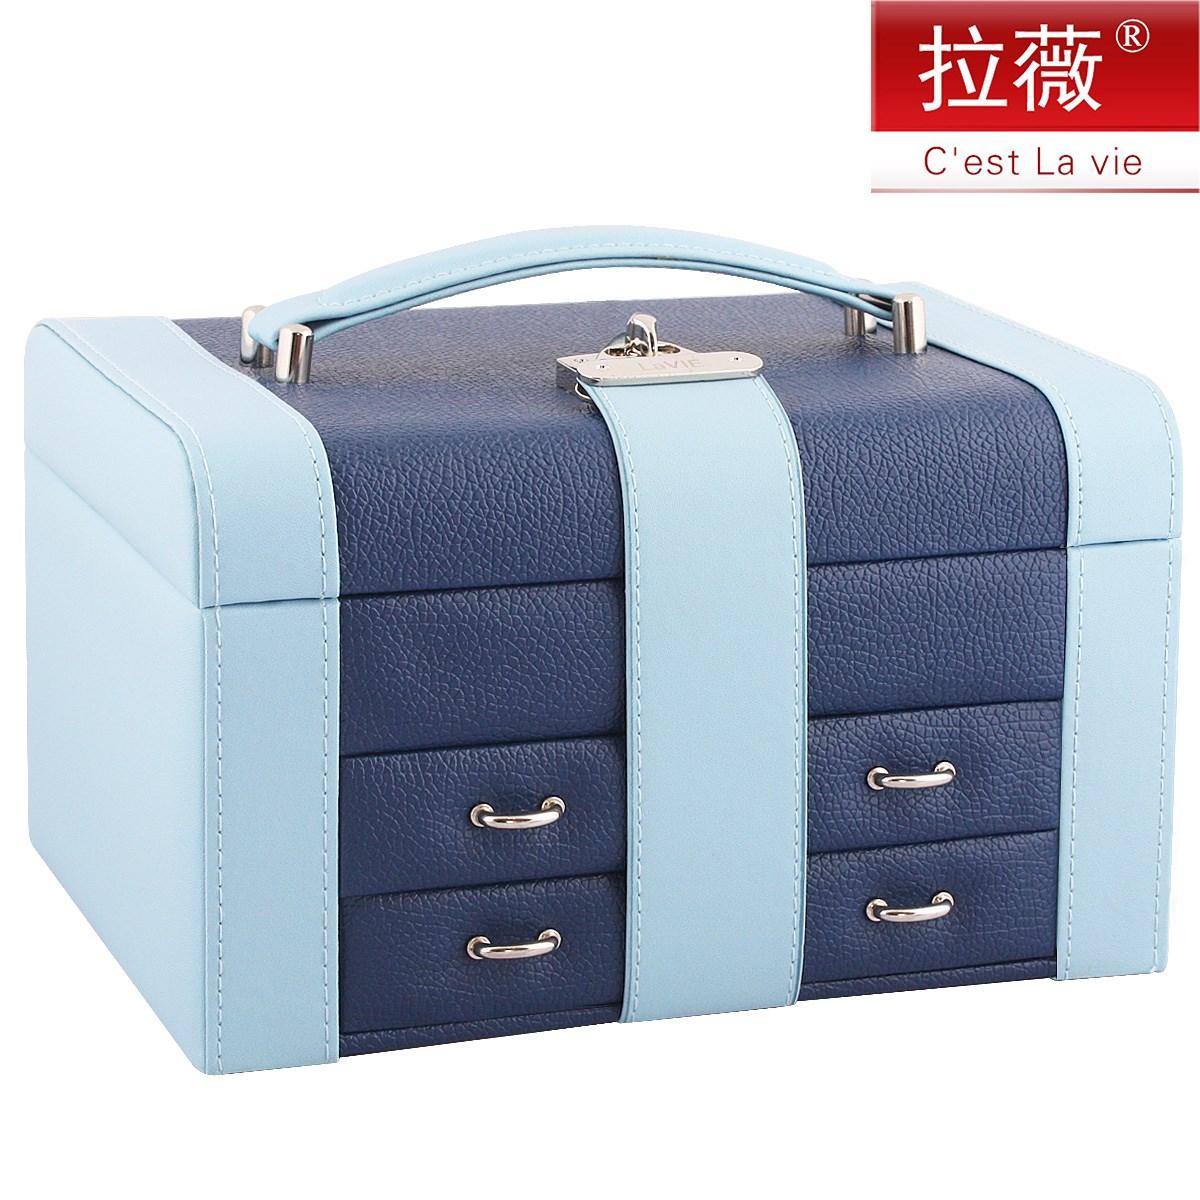 首�盒 大小�p拼 �W式公主首�收�{盒化�y盒 �品盒珠��箱